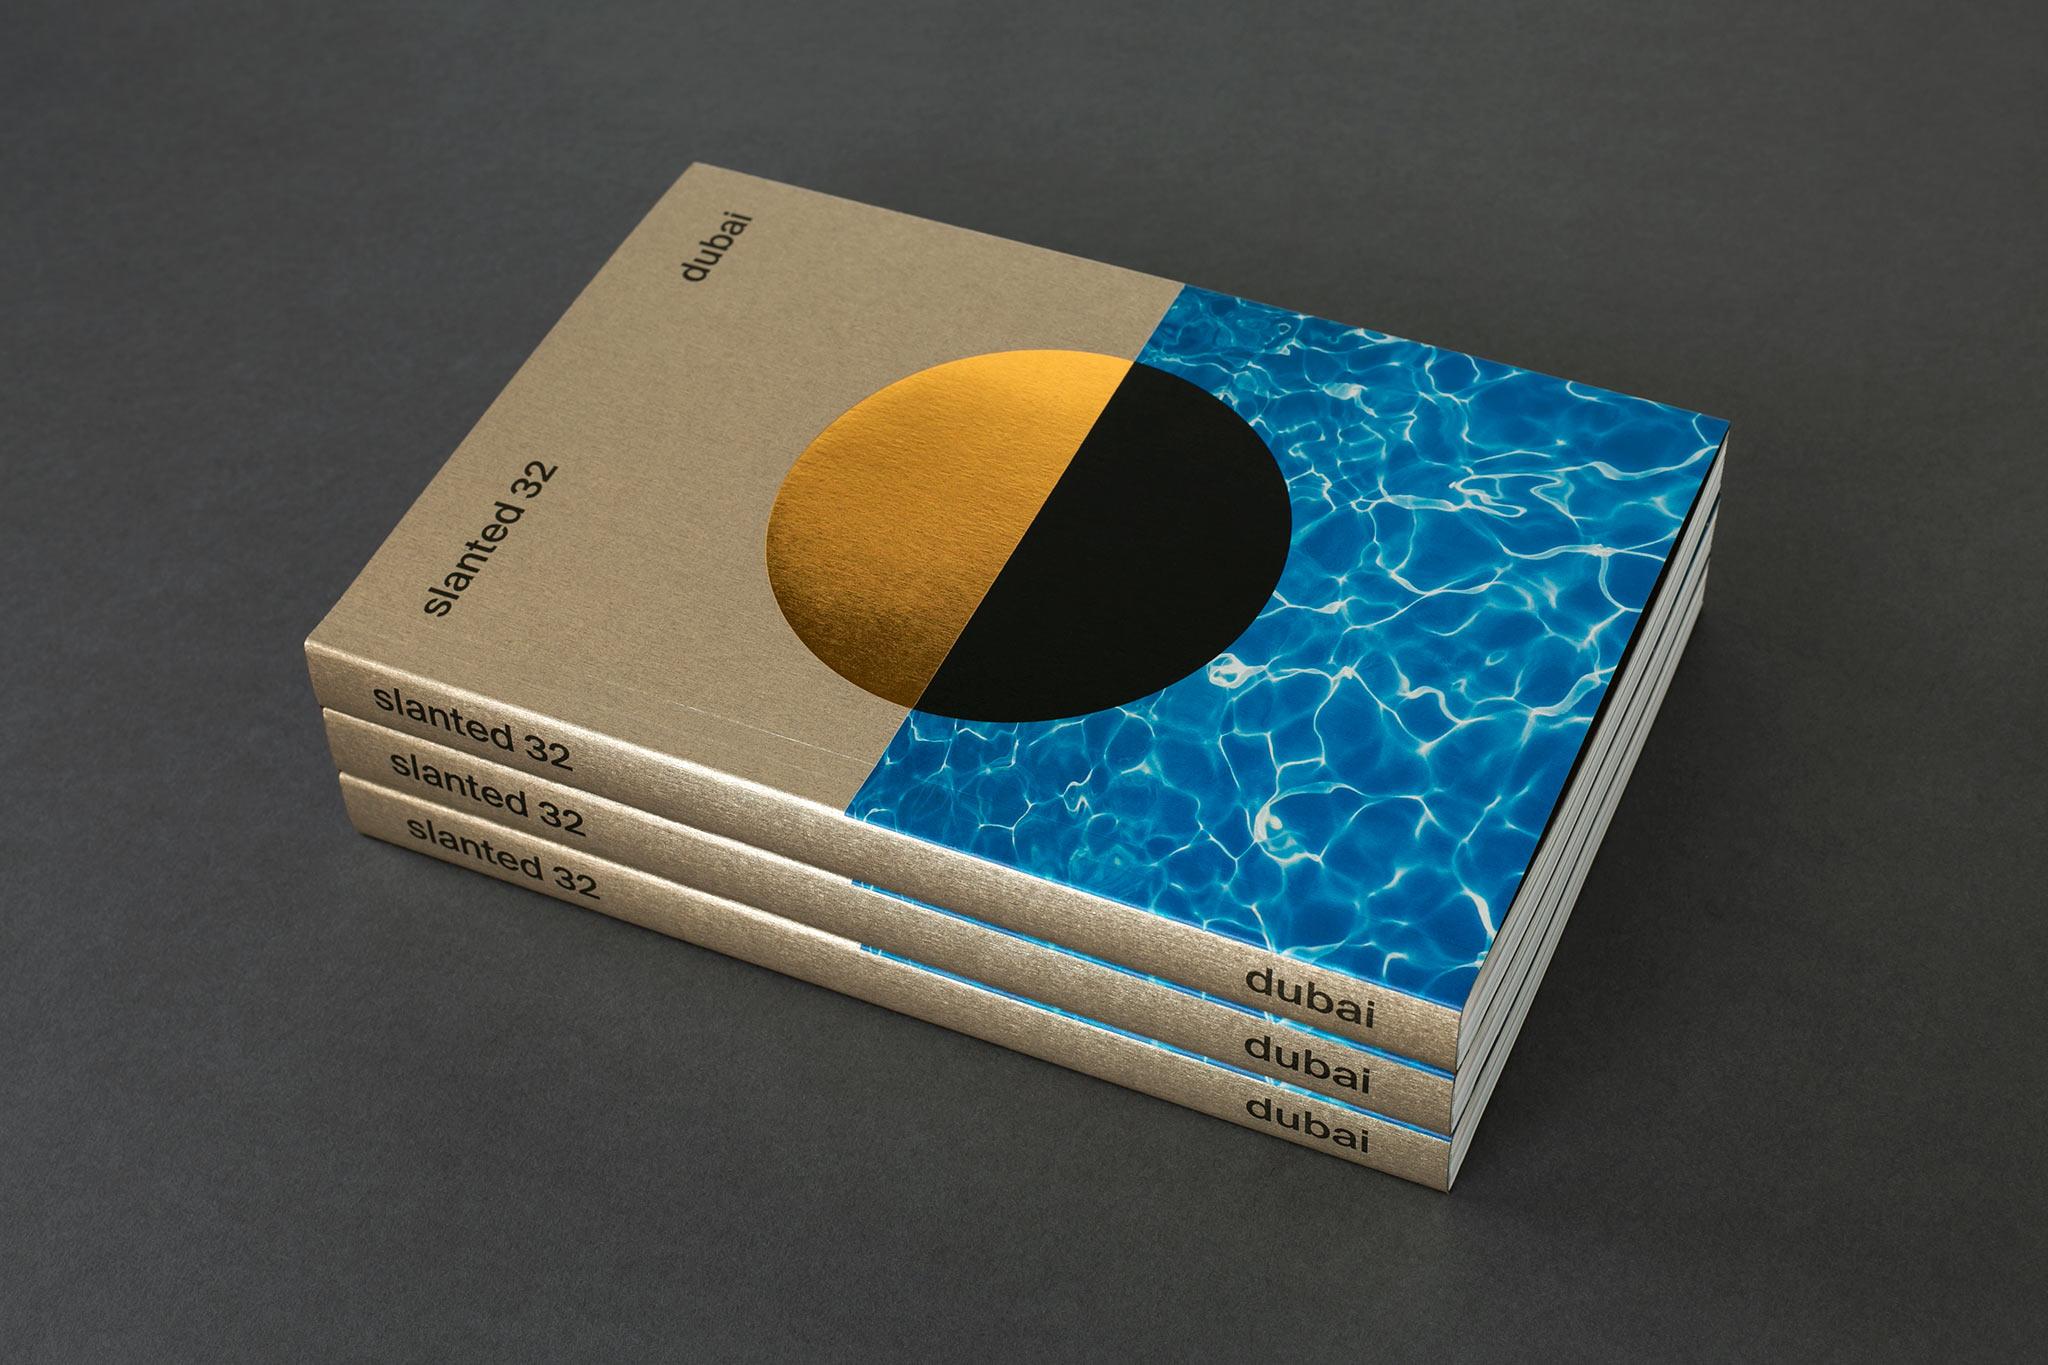 Slanted Magazine #32 Dubai